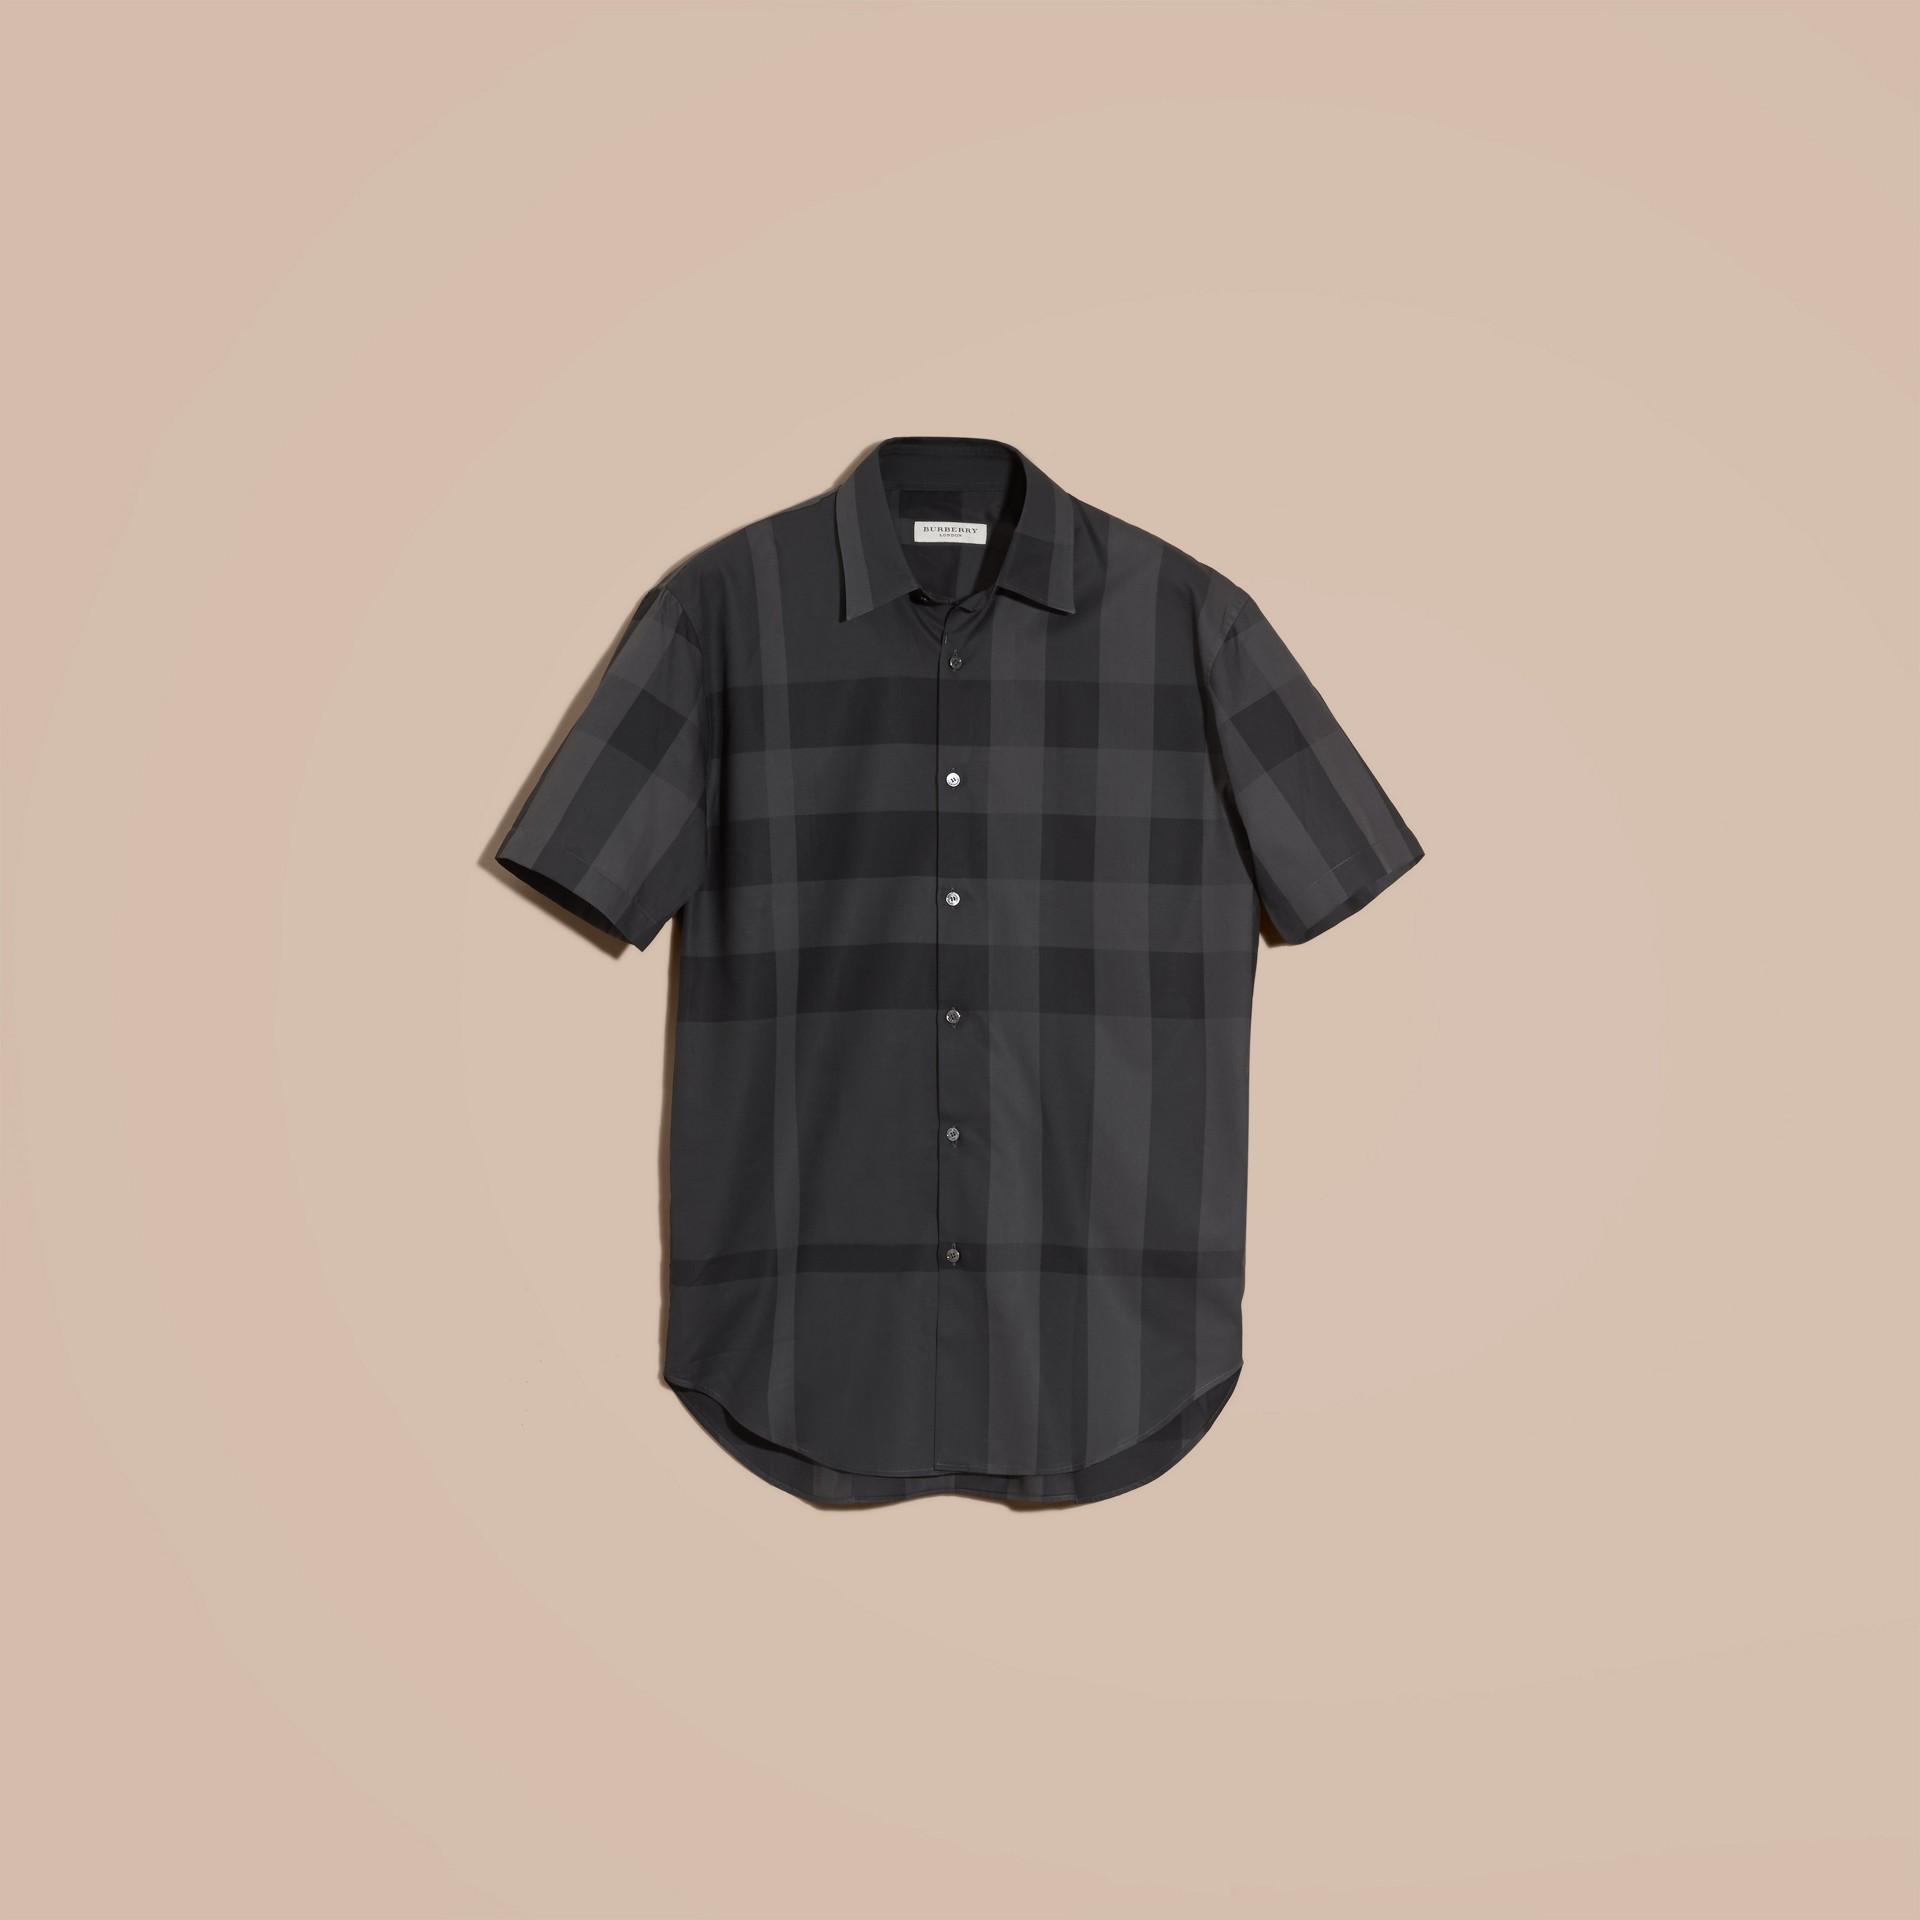 Charcoal Camisa de algodão com estampa xadrez e mangas curtas Charcoal - galeria de imagens 4